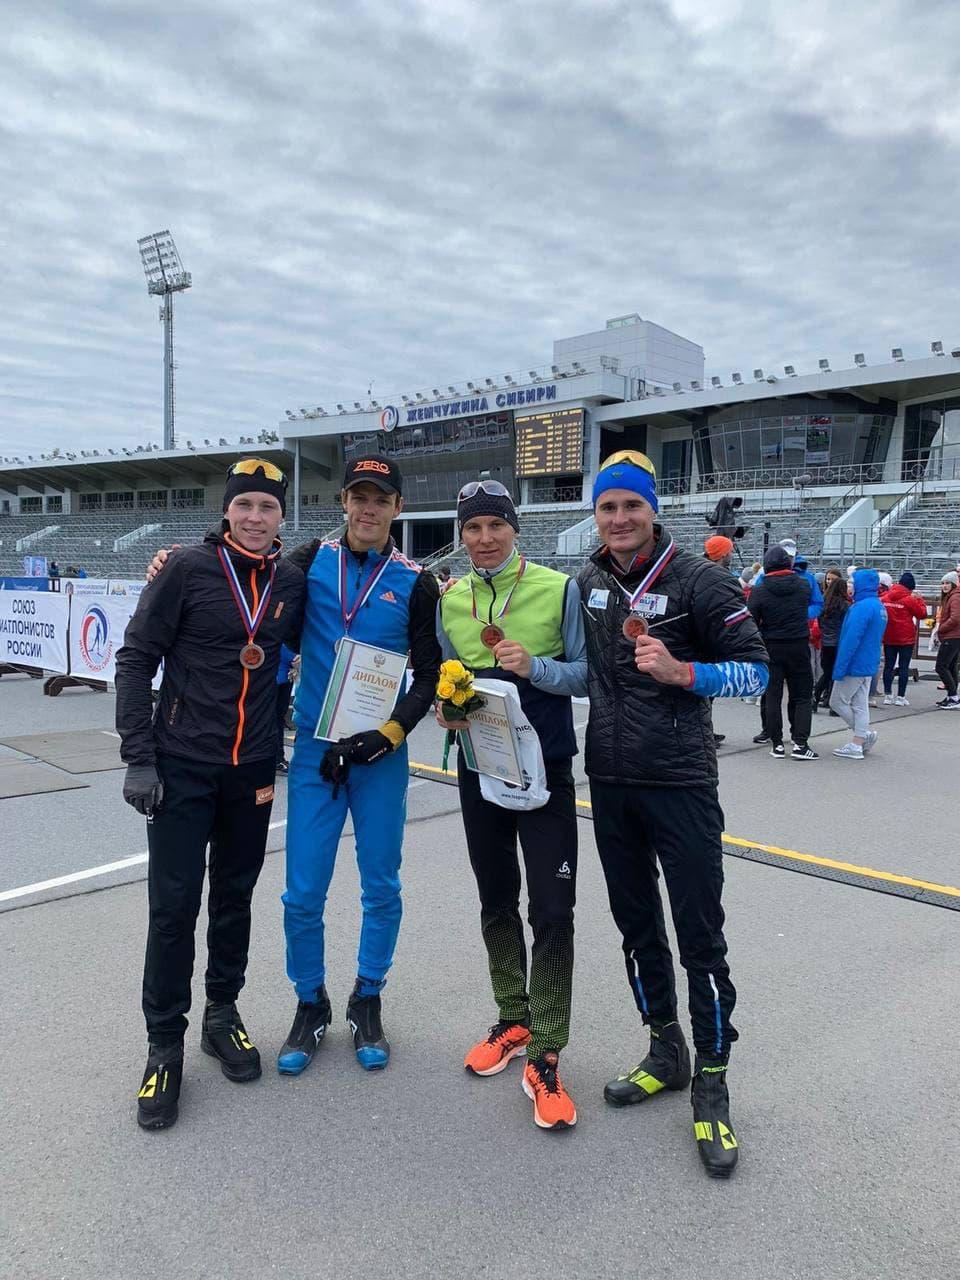 Атлеты из Подмосковья завоевали бронзовые медали на чемпионате России по летнему биатлону